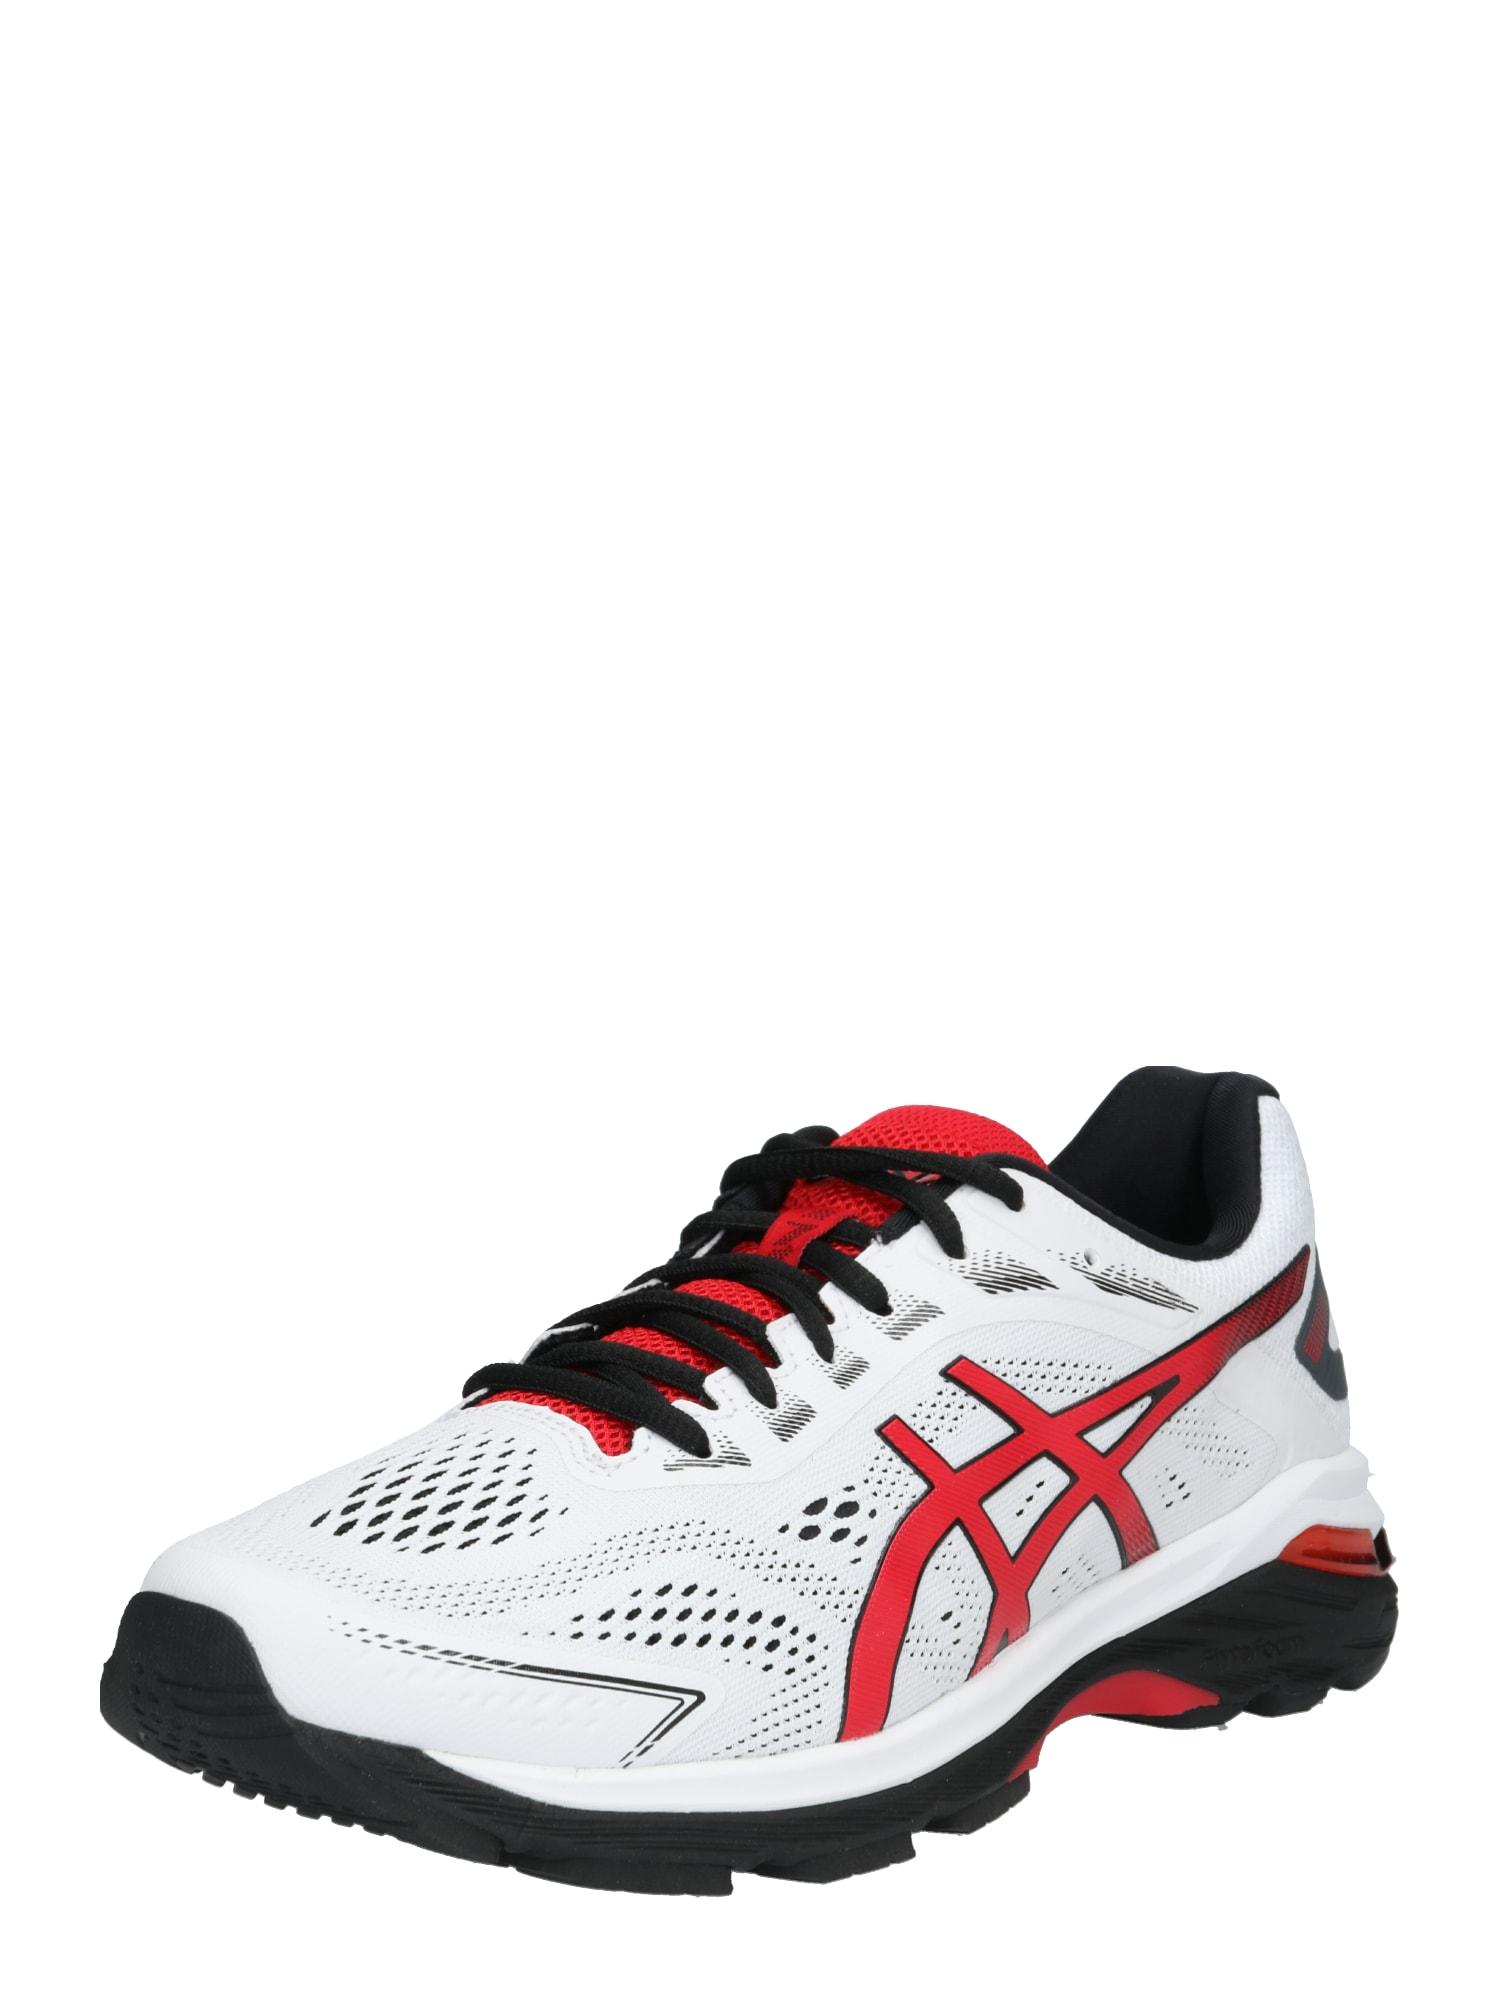 Běžecká obuv Gt-2000 7 červená černá bílá ASICS